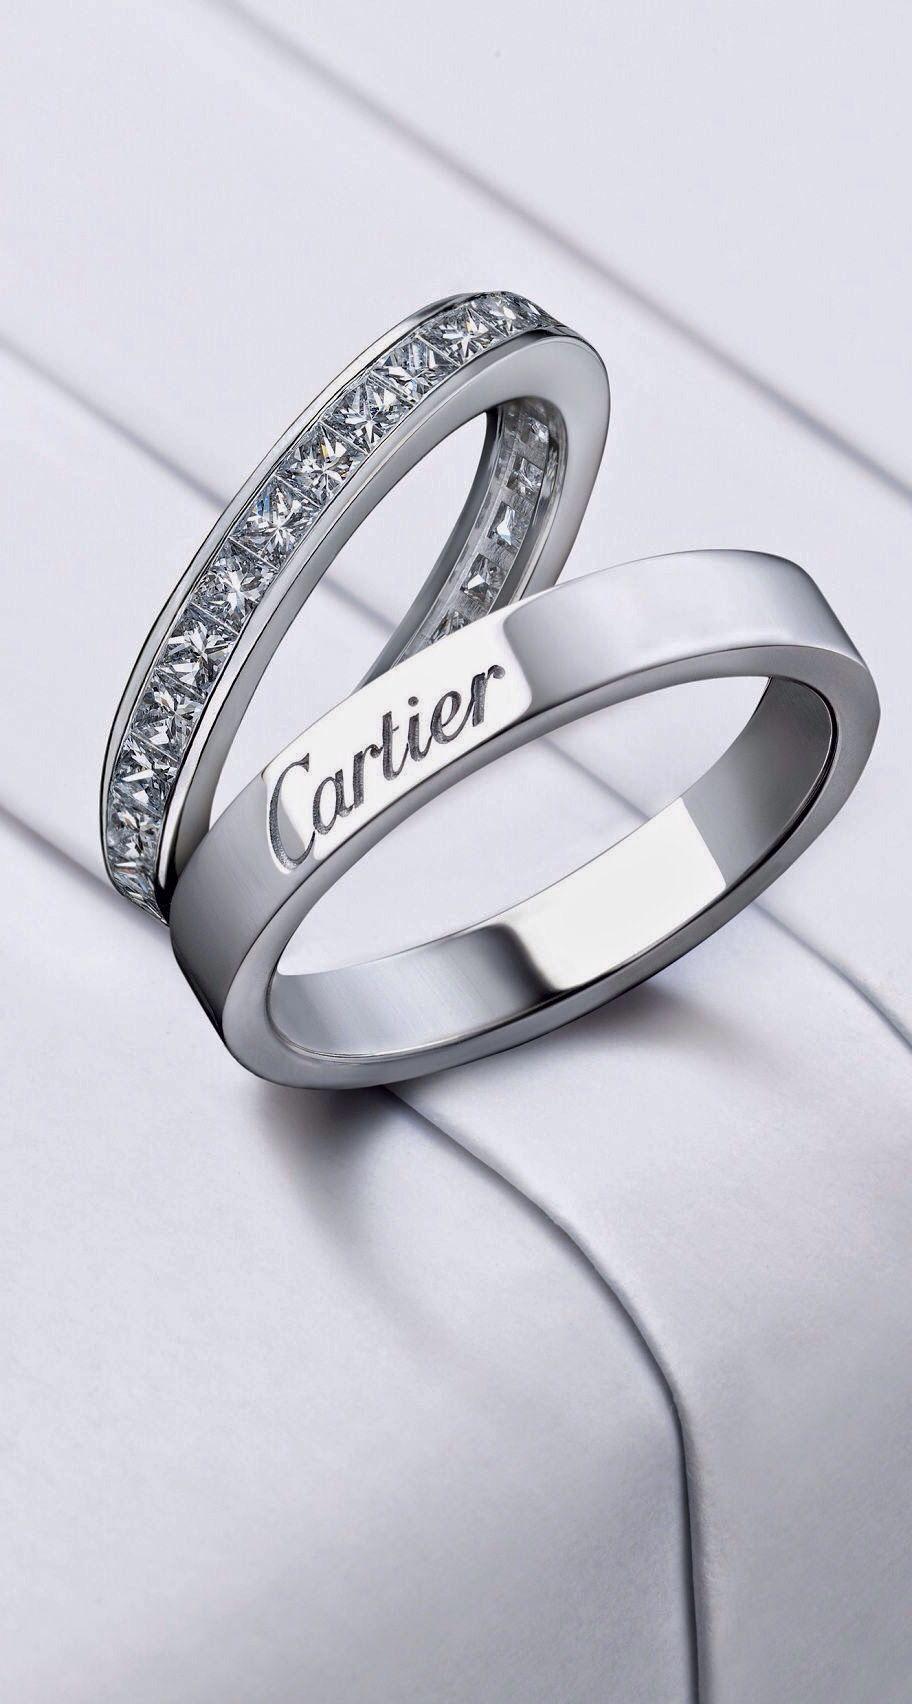 Cartier Wedding Rings! Alianças de casamento cartier